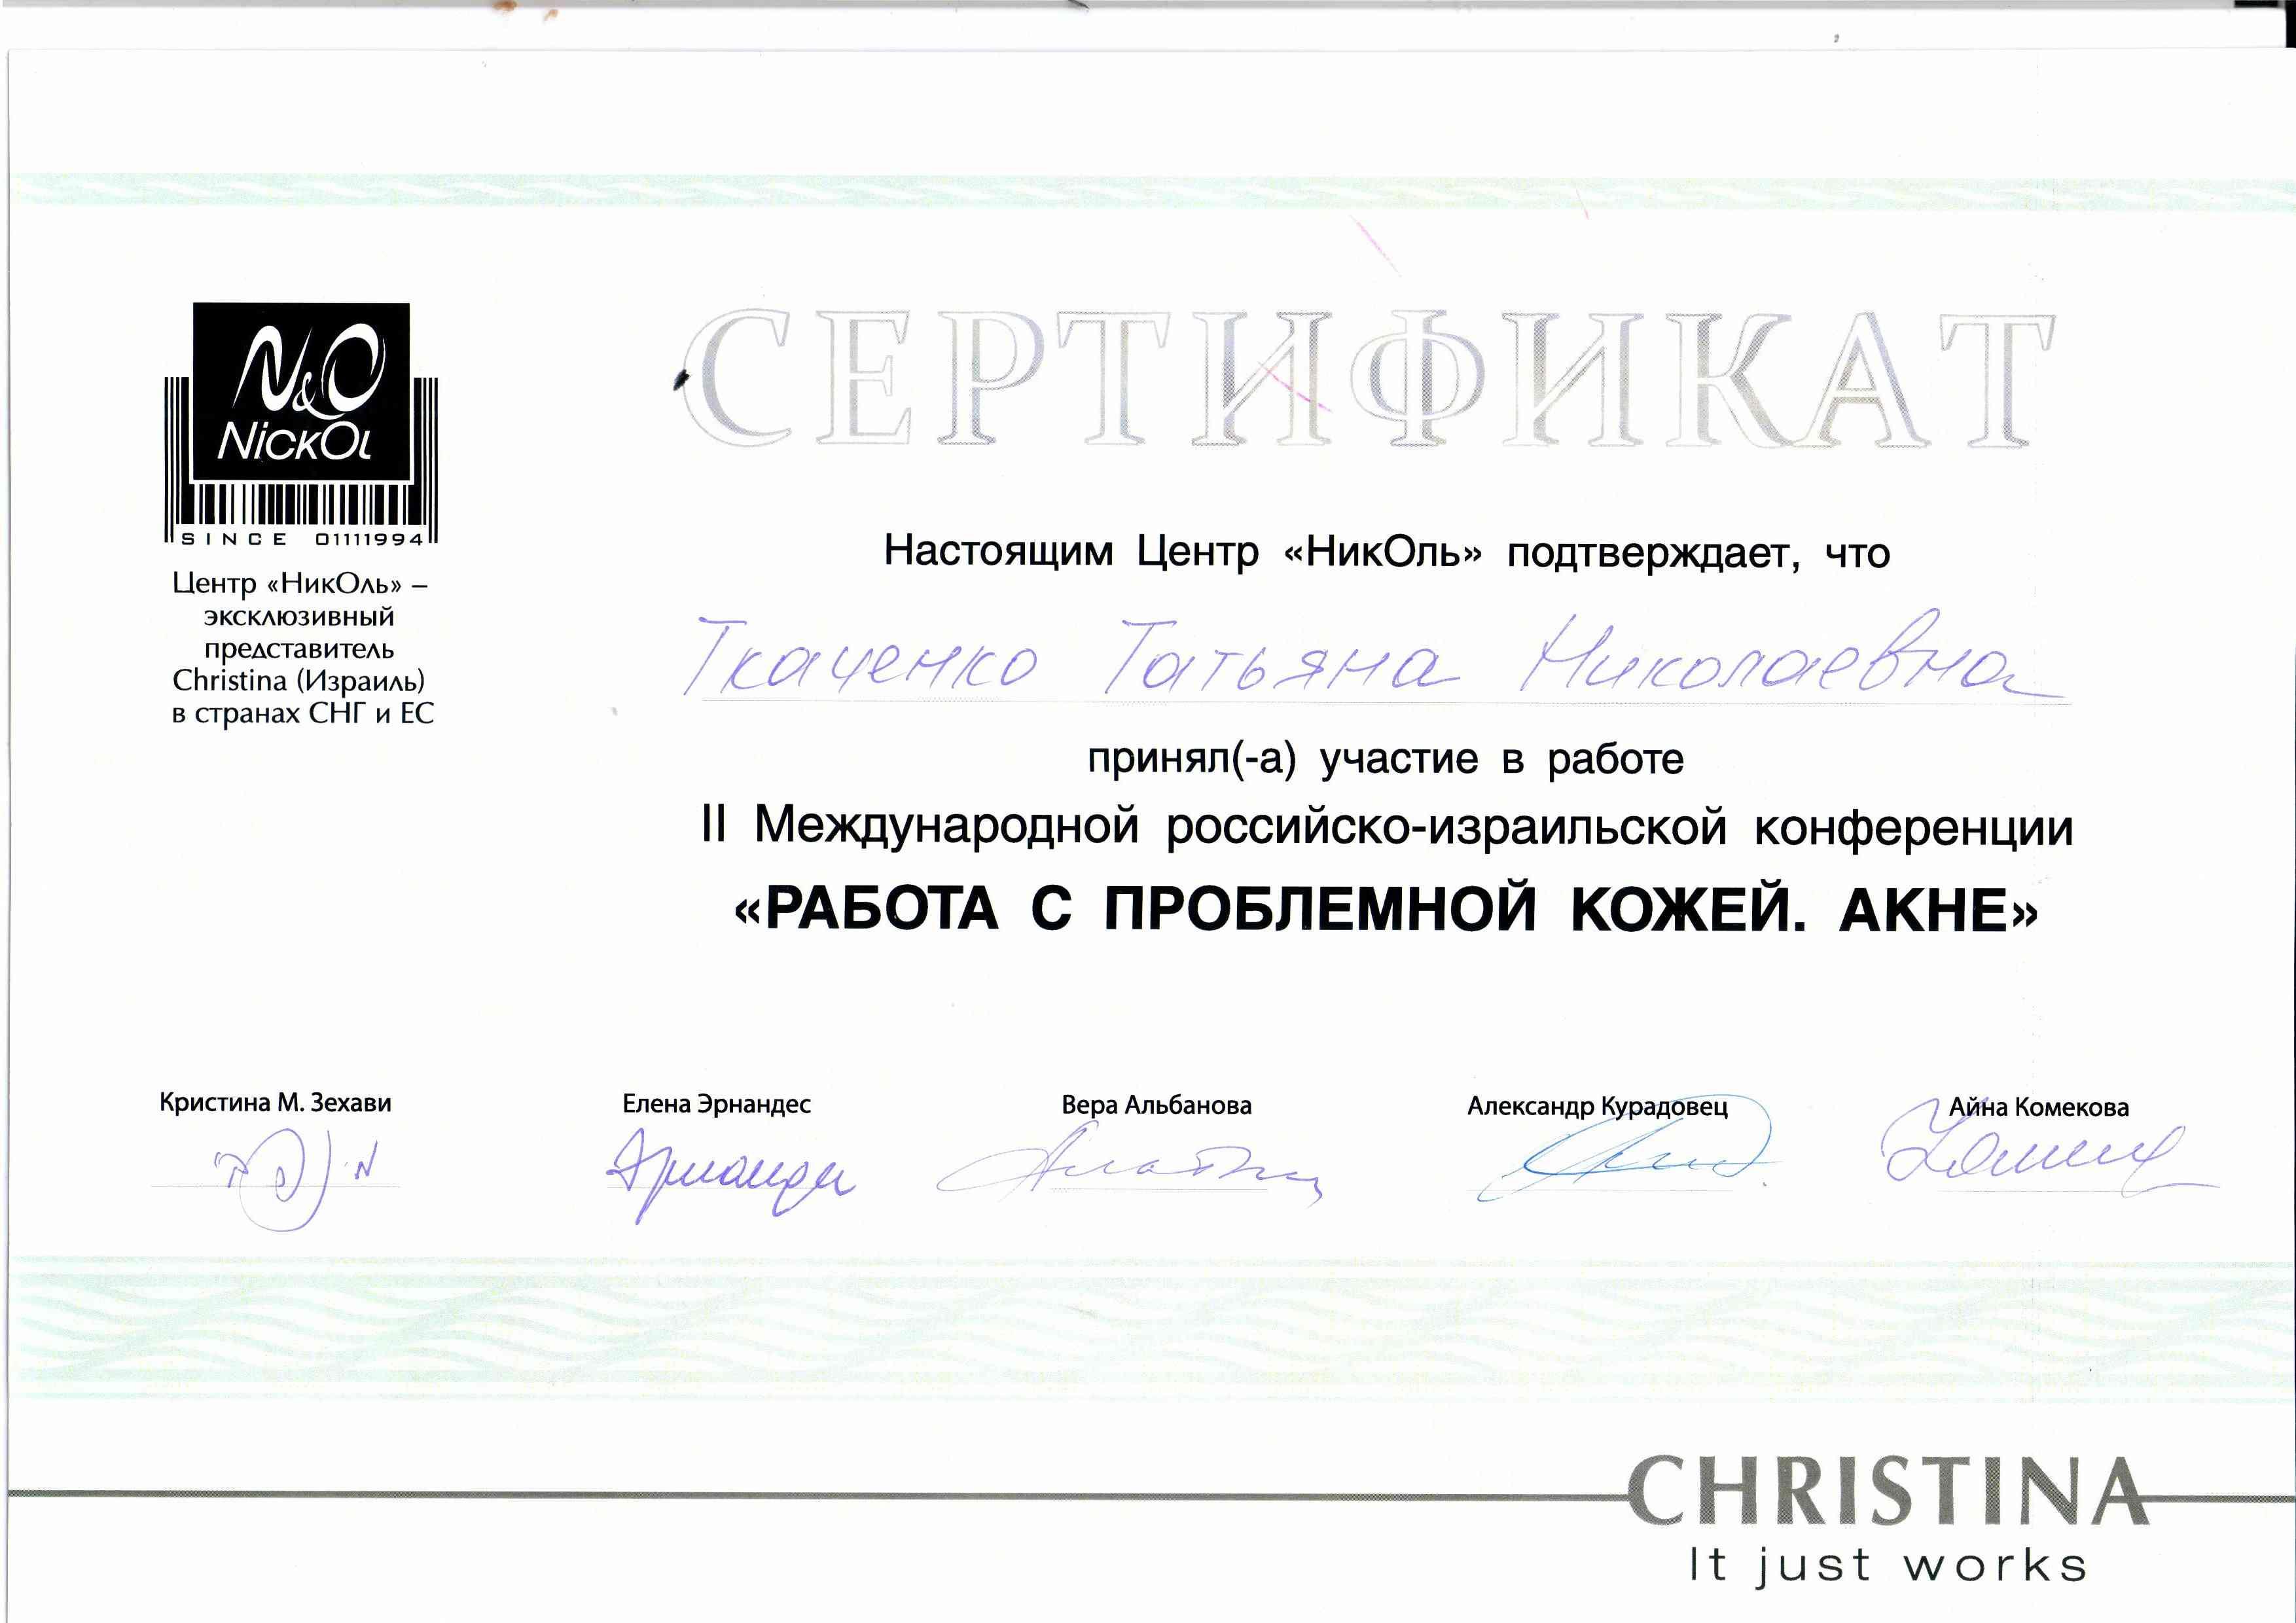 2011 Участие в работе Международная российско-израильской конференции Работа с проблемной кожей .Акне